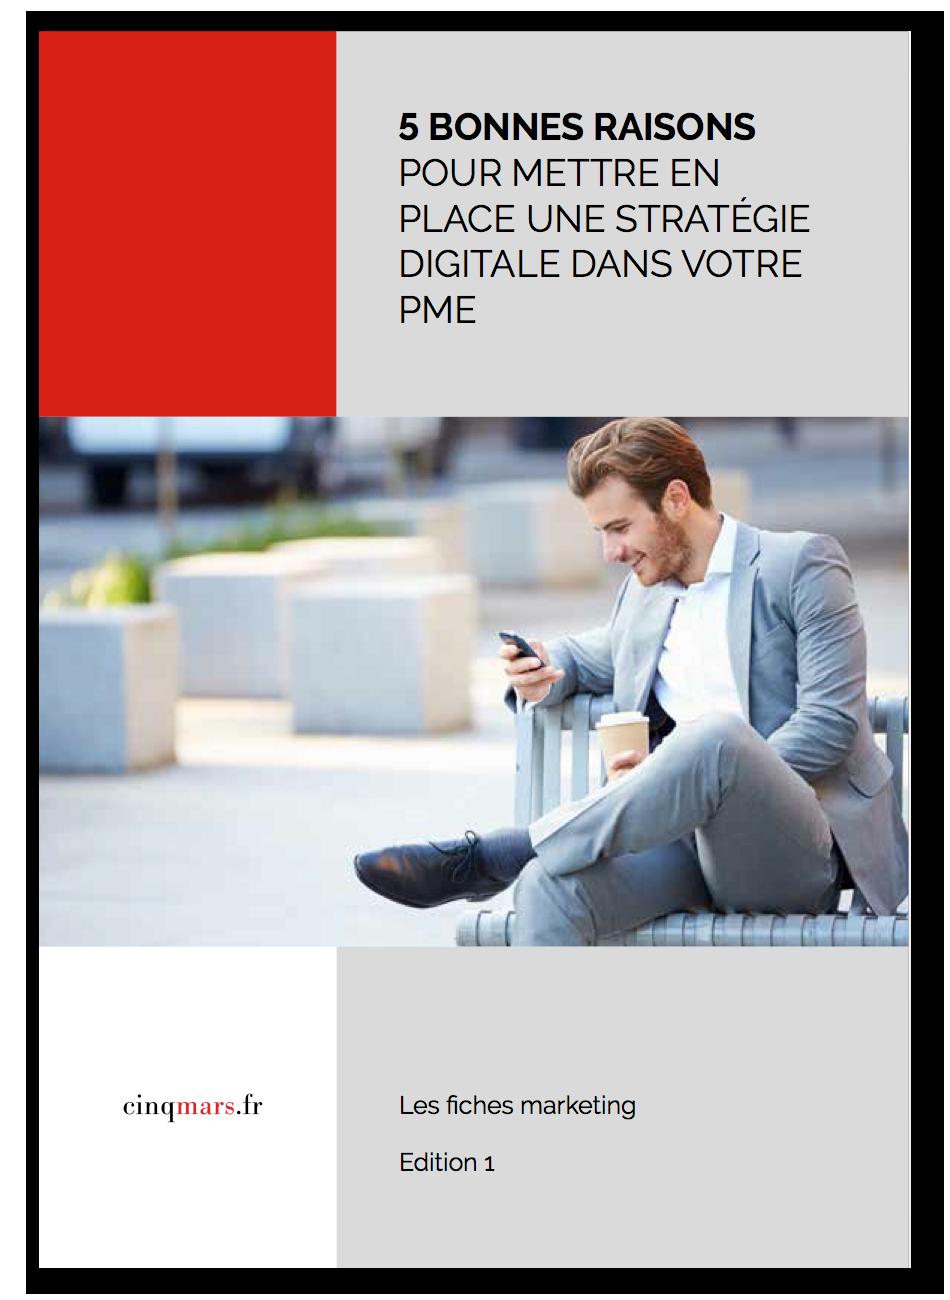 5 bonnes raisons de mettre en place une stratégie digitale dans votre PME